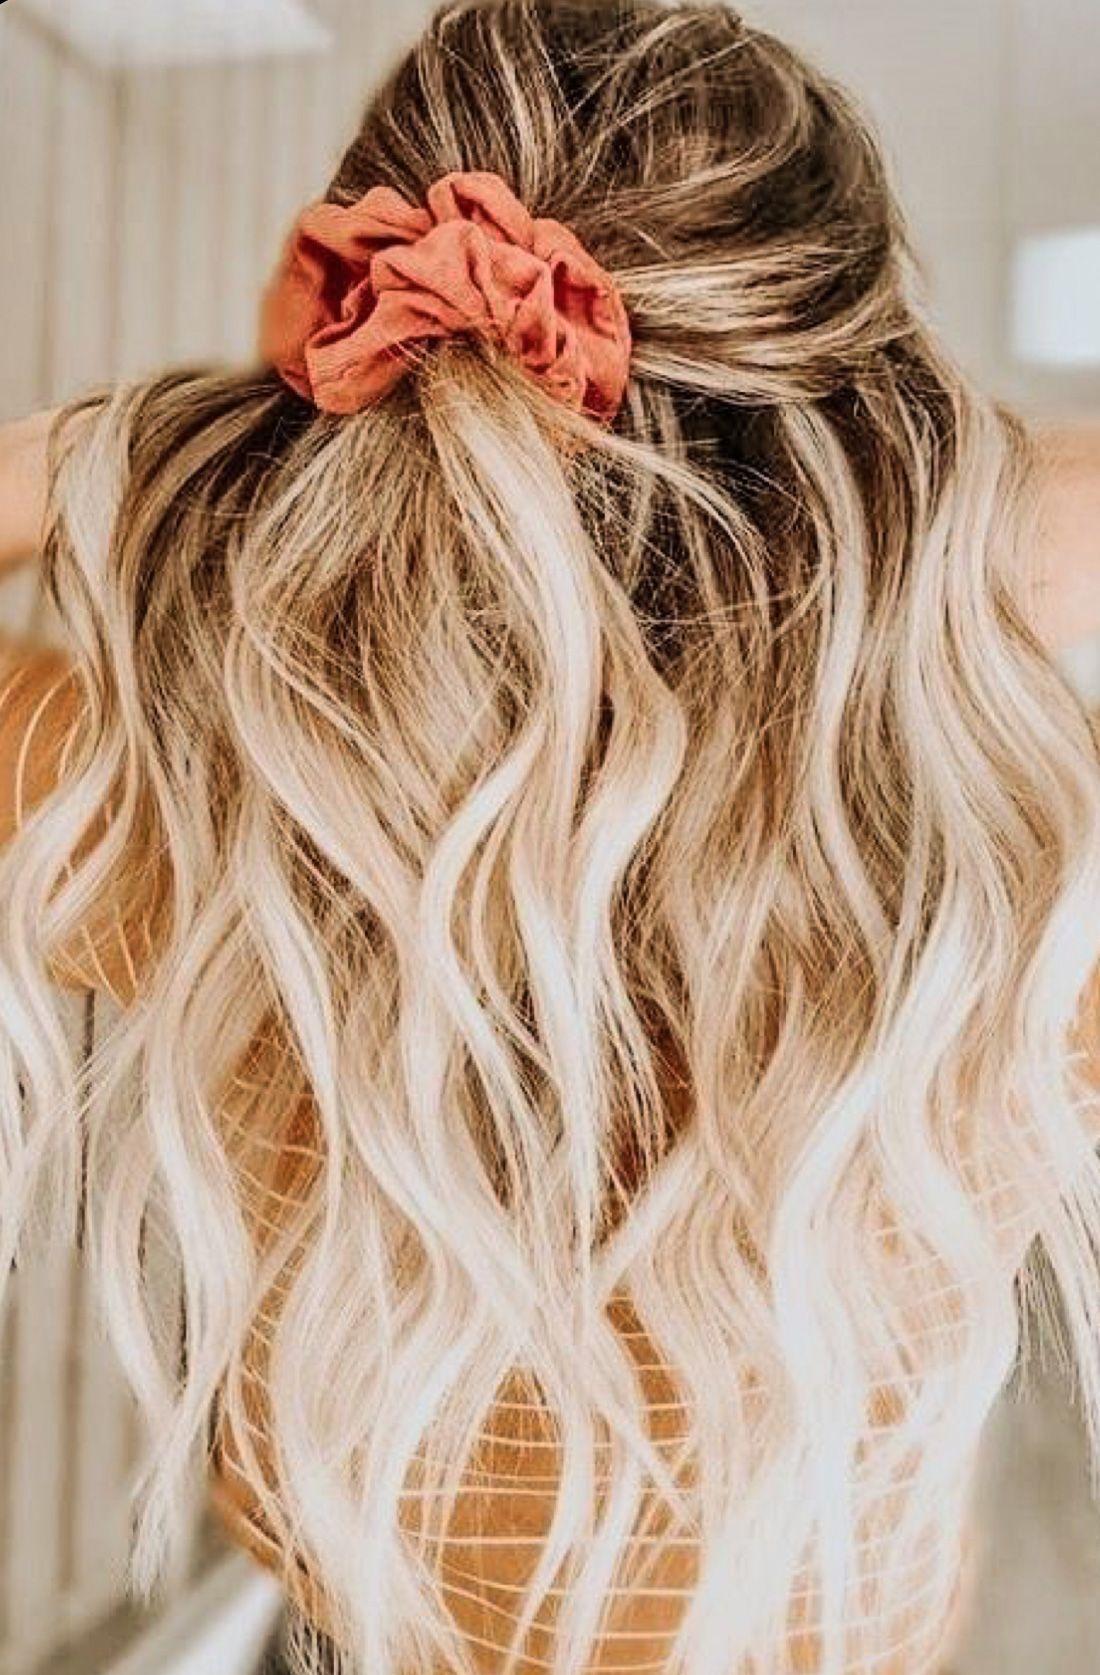 The Best Tousled Beach Hair - DIY Darlin'